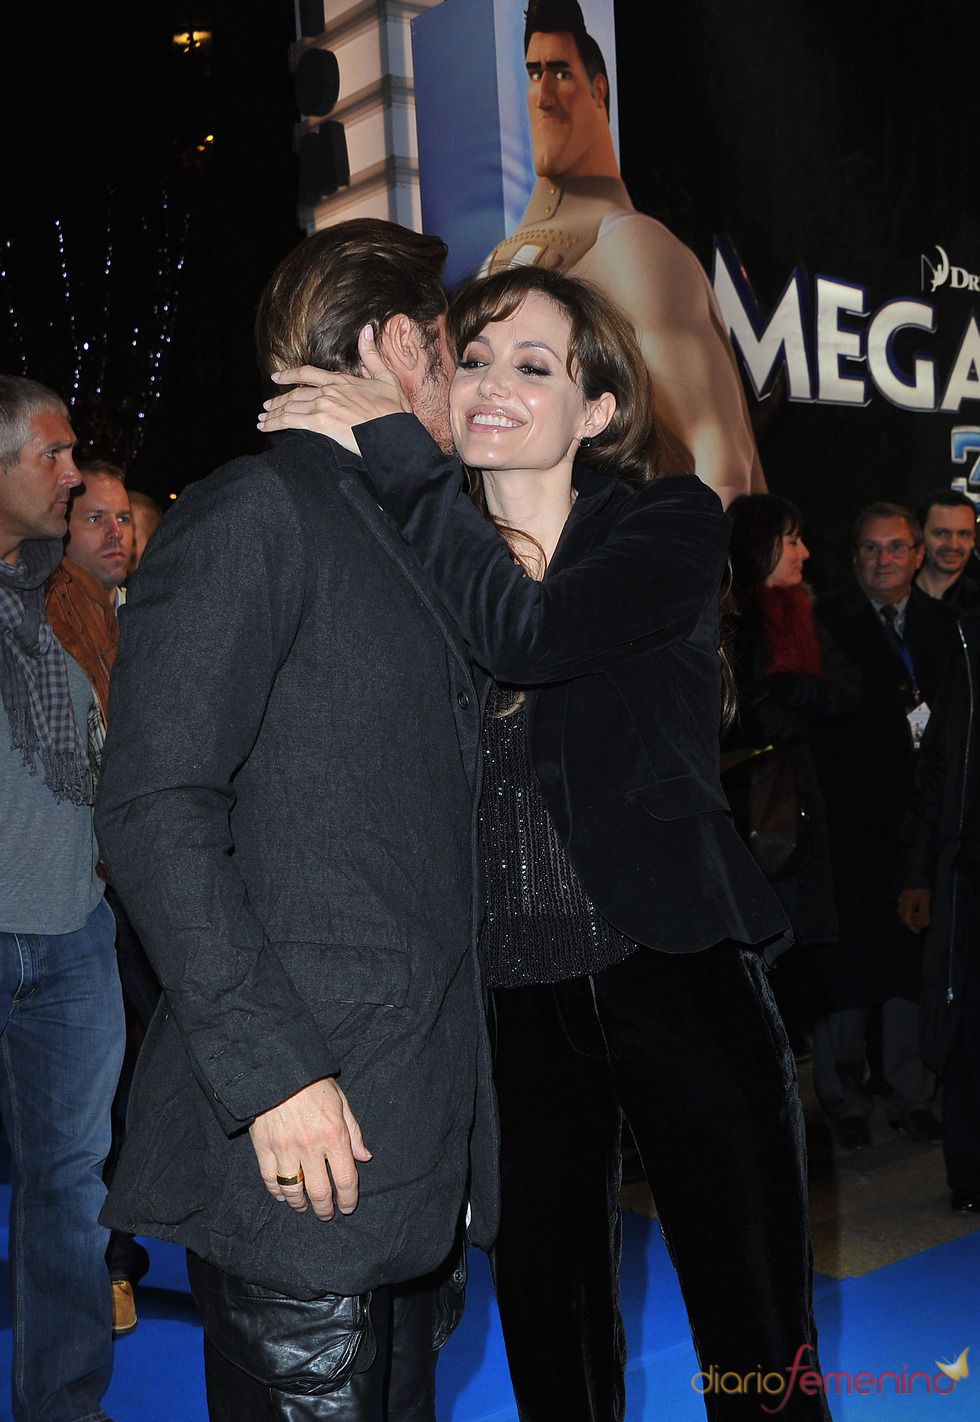 Brad Pitt y Angelina Jolie se besan en el estreno de 'Megamind'